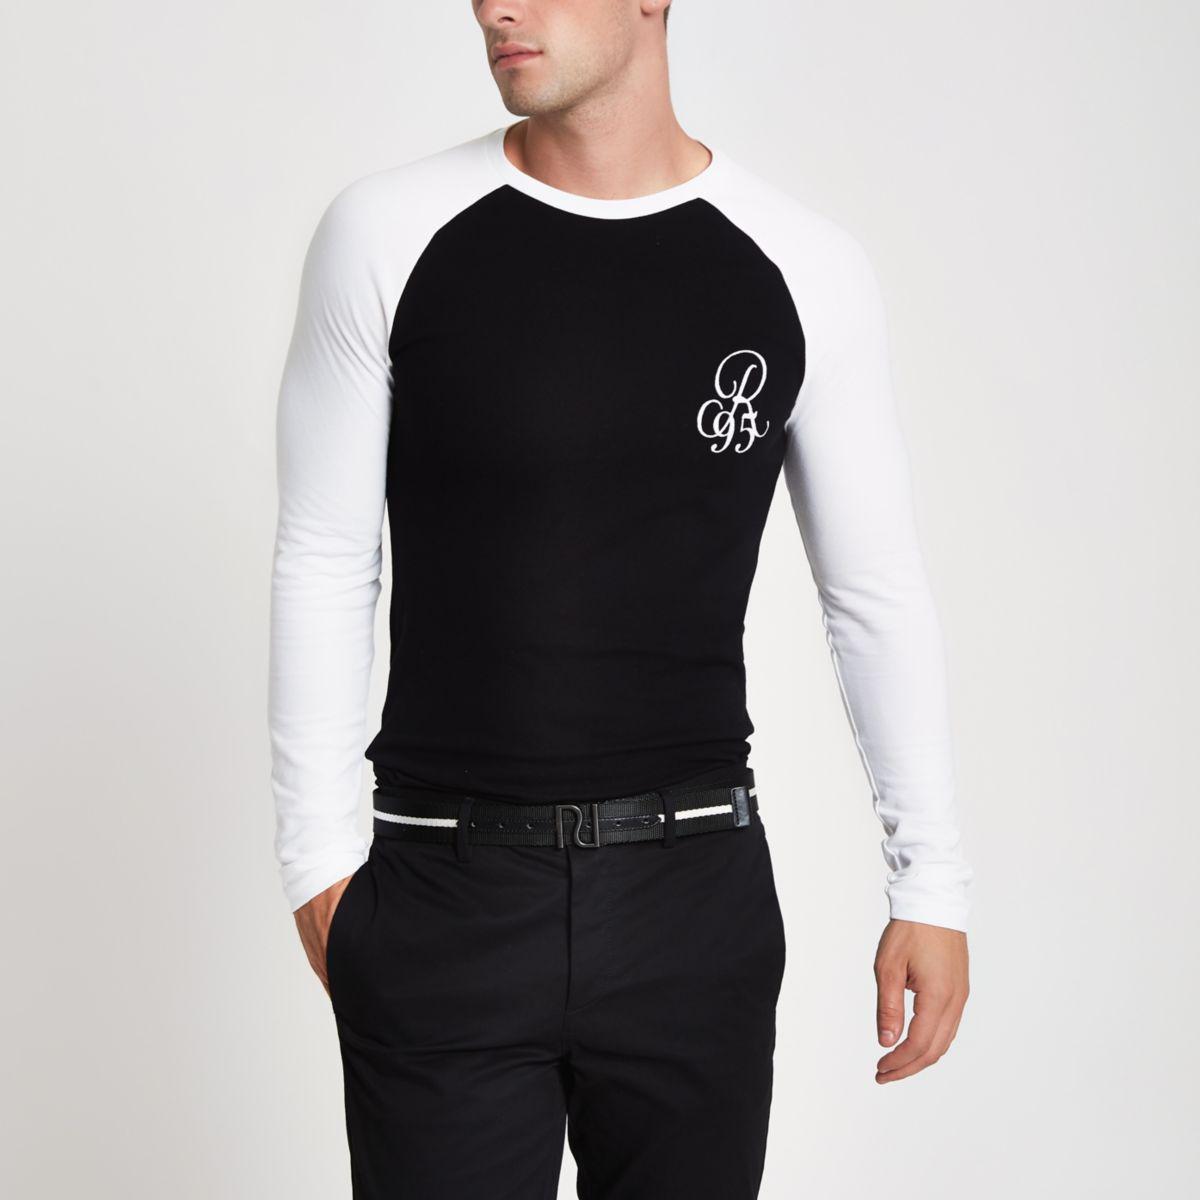 Black pique muscle fit T-shirt